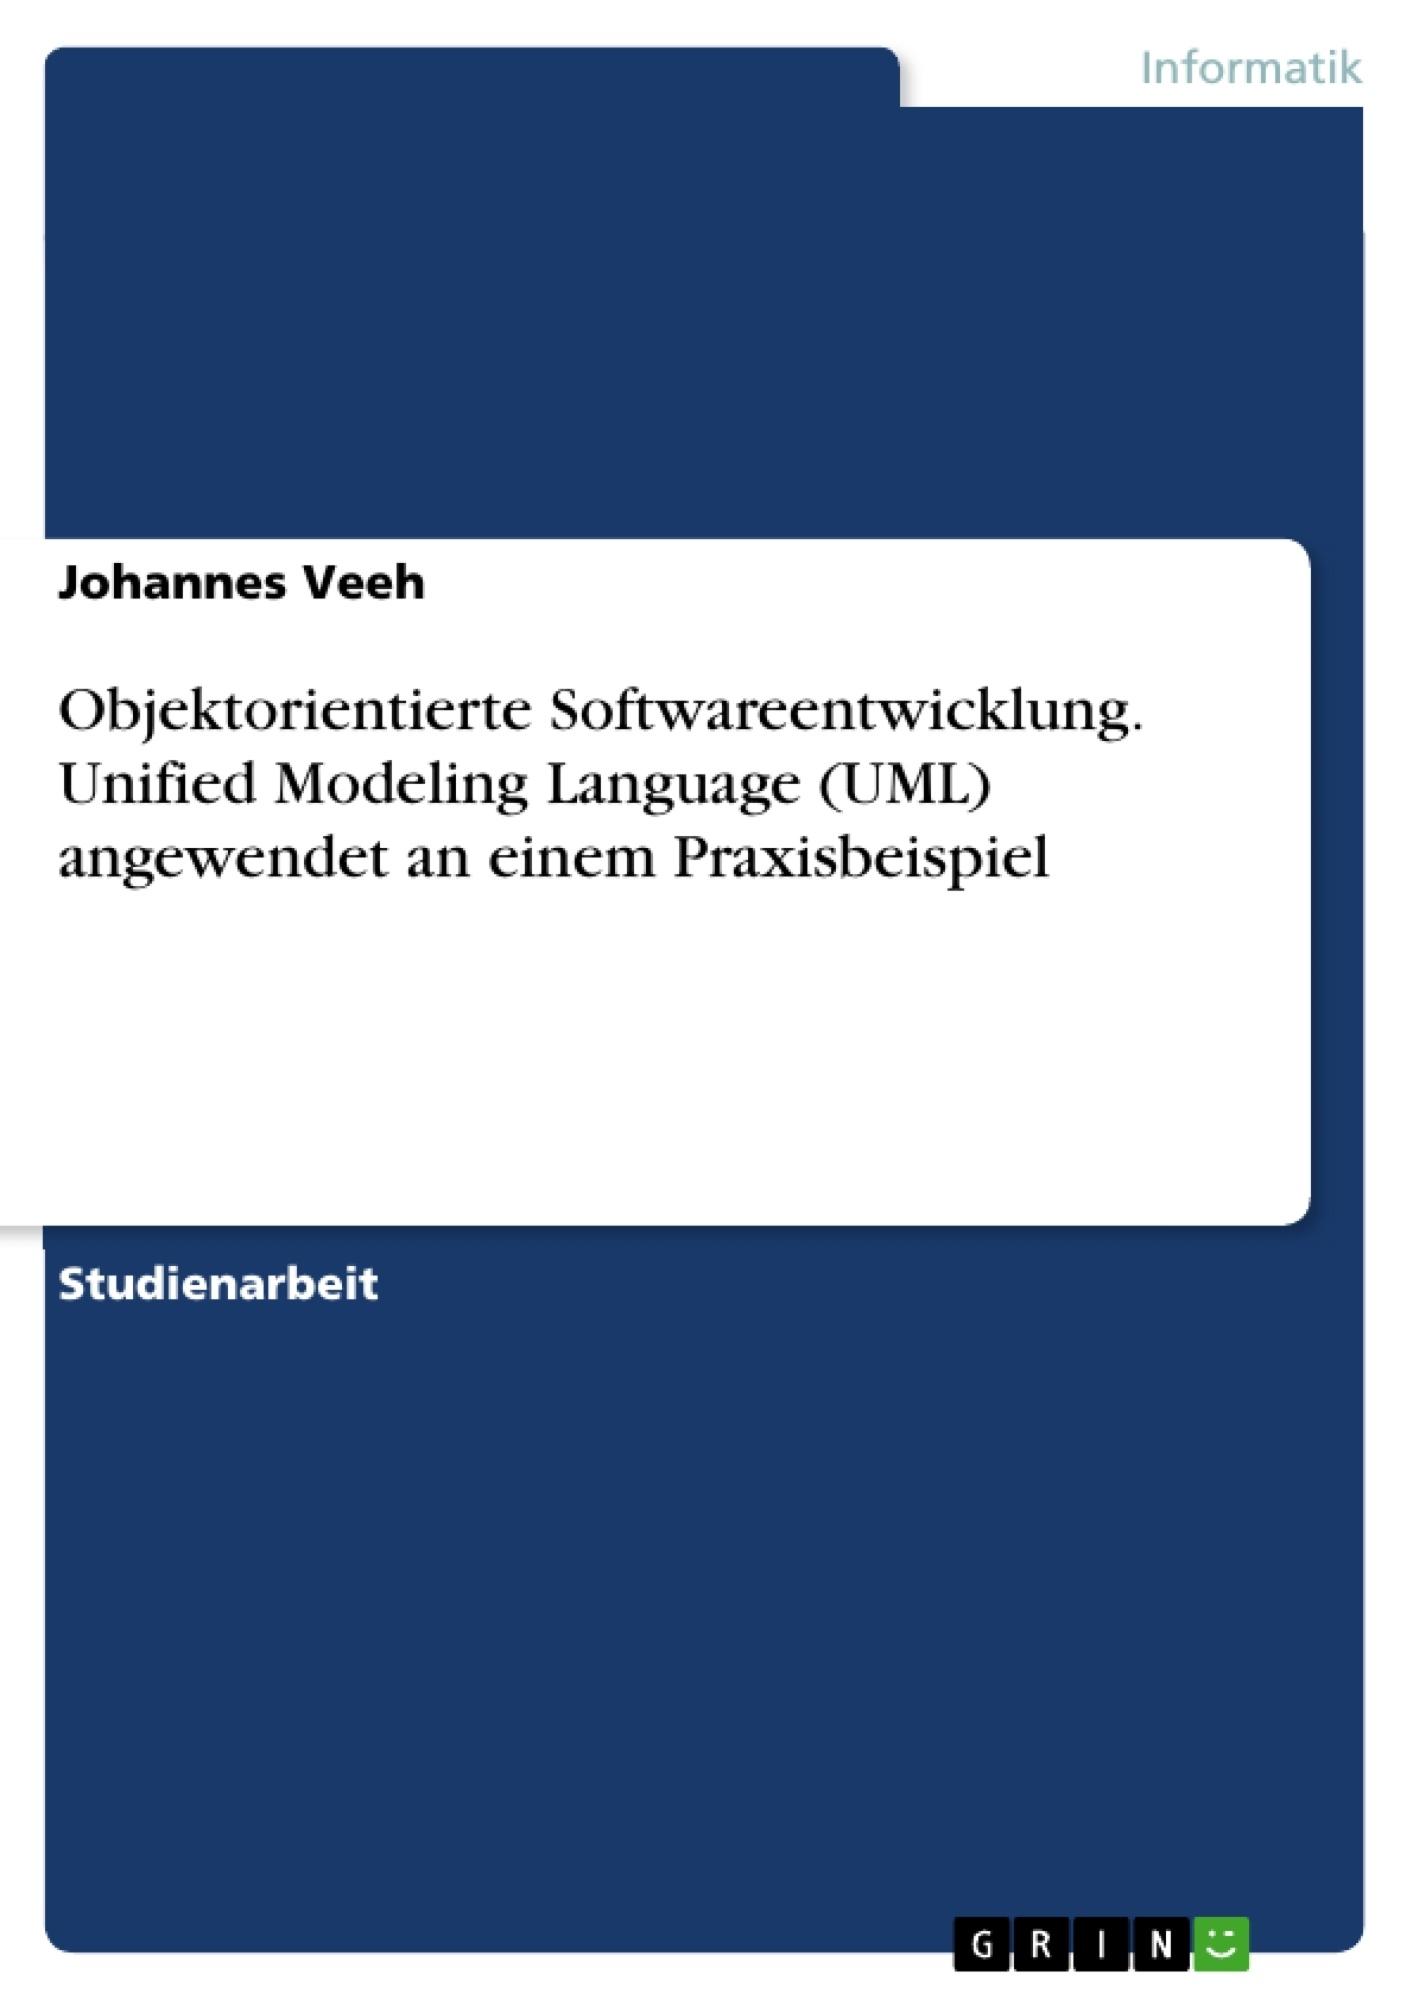 Titel: Objektorientierte Softwareentwicklung. Unified Modeling Language (UML) angewendet an einem Praxisbeispiel